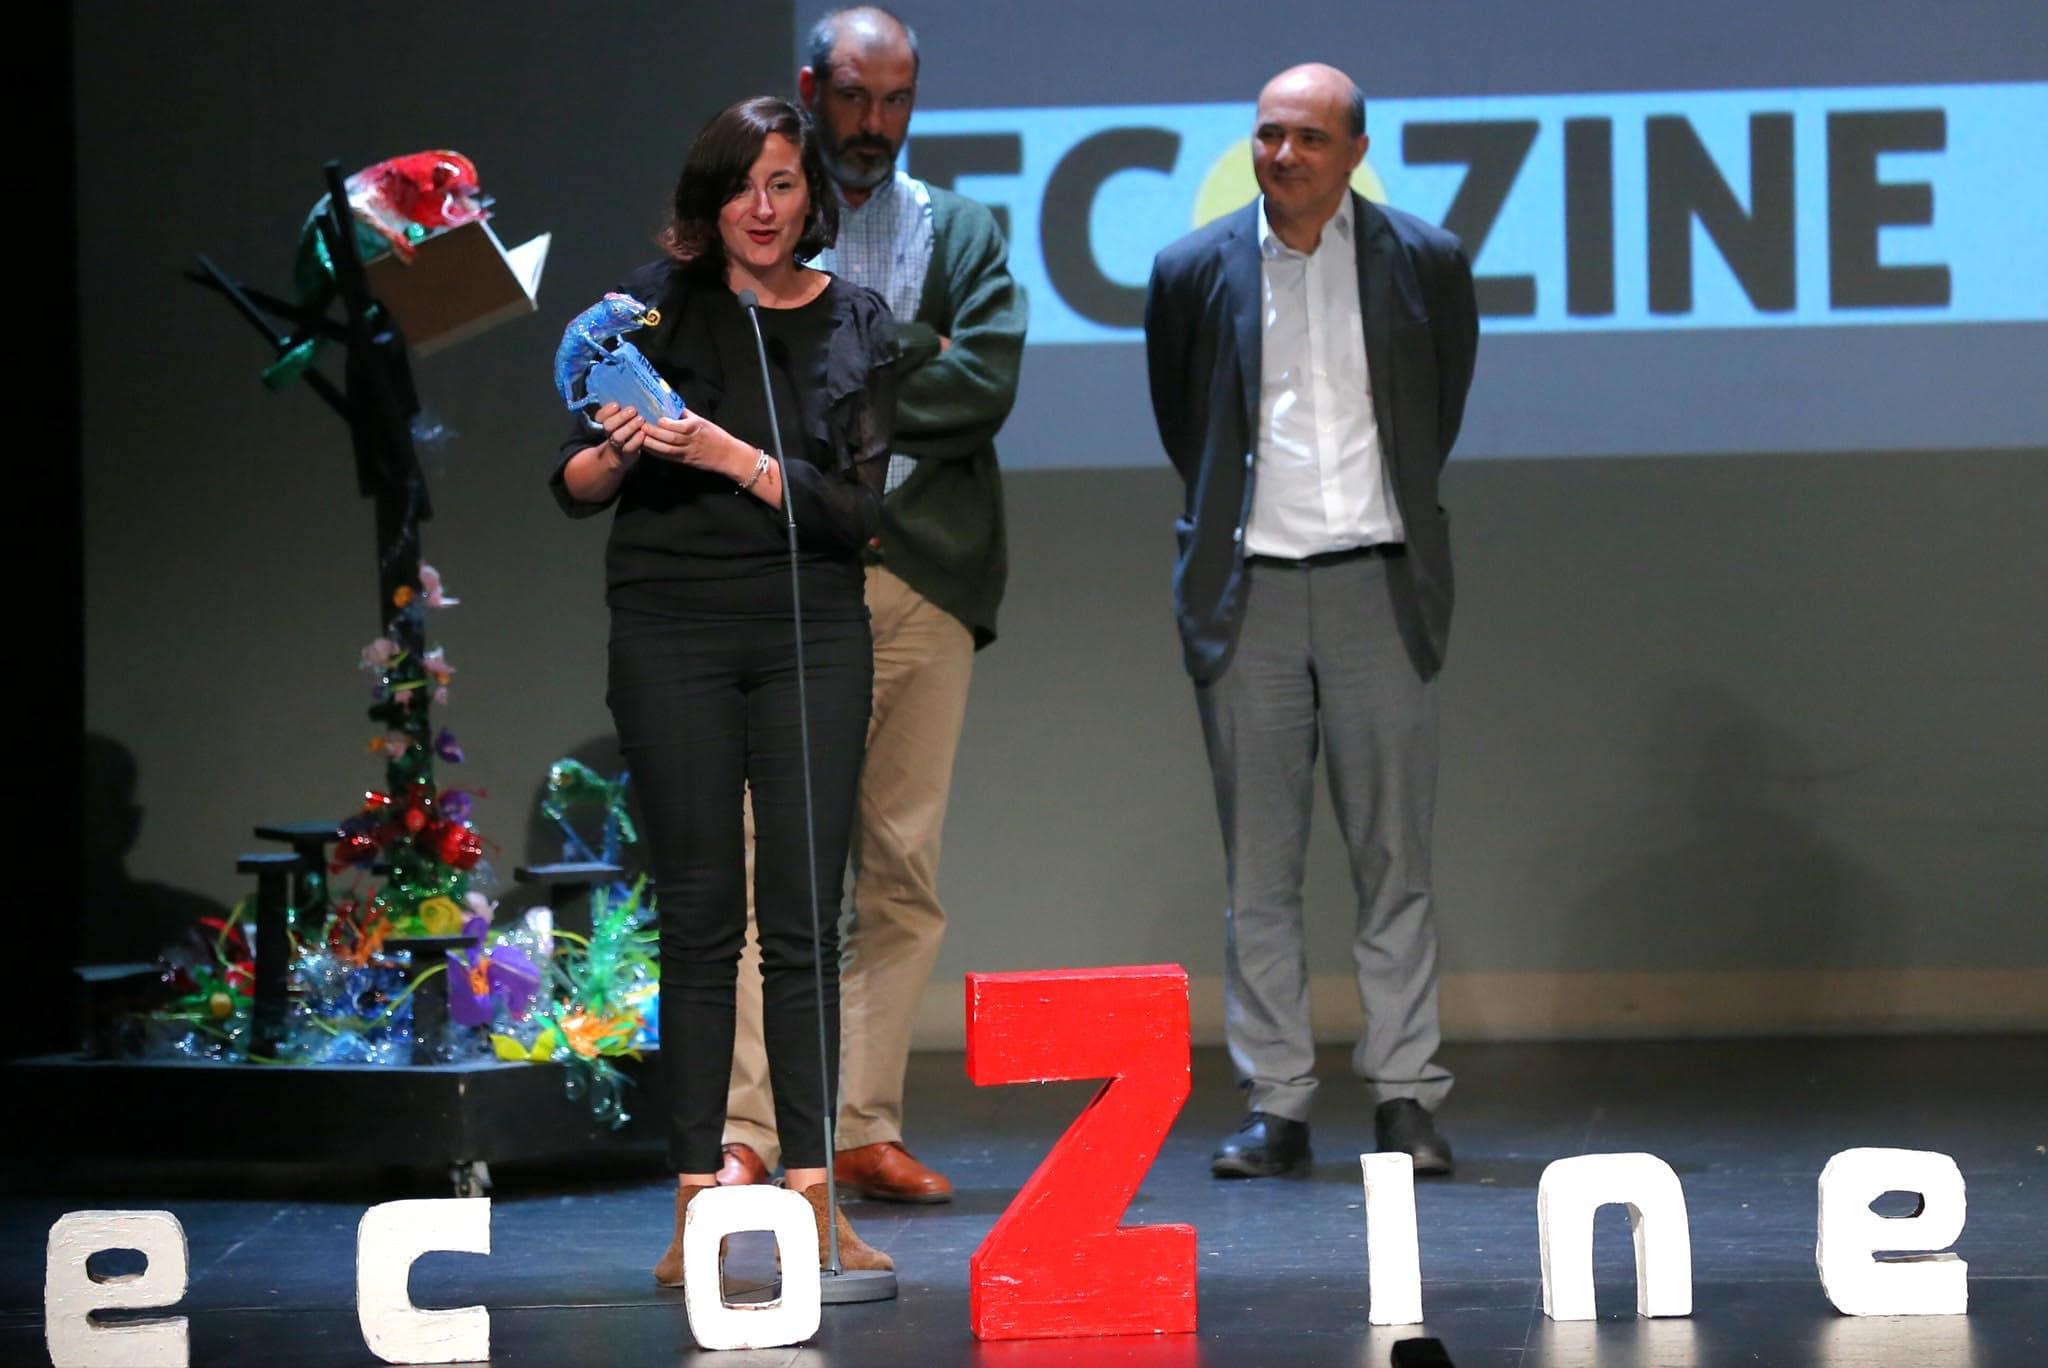 Laura Herrero recoge su galardón en los Premios EcoZine de cine y medio ambiente. Juan Carlos Rojas